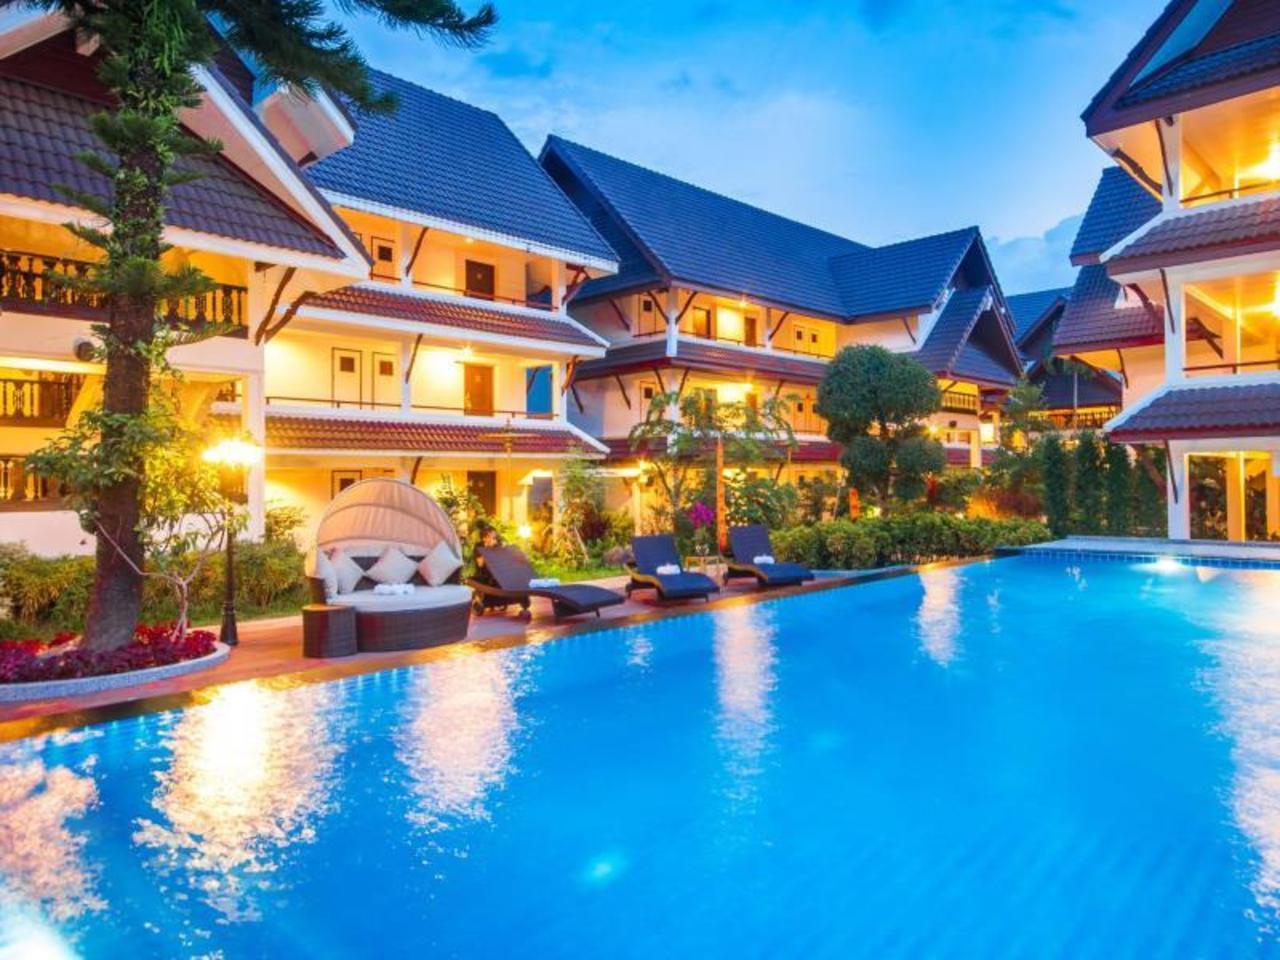 โรงแรมนาค นครา (Nak Nakara Hotel)